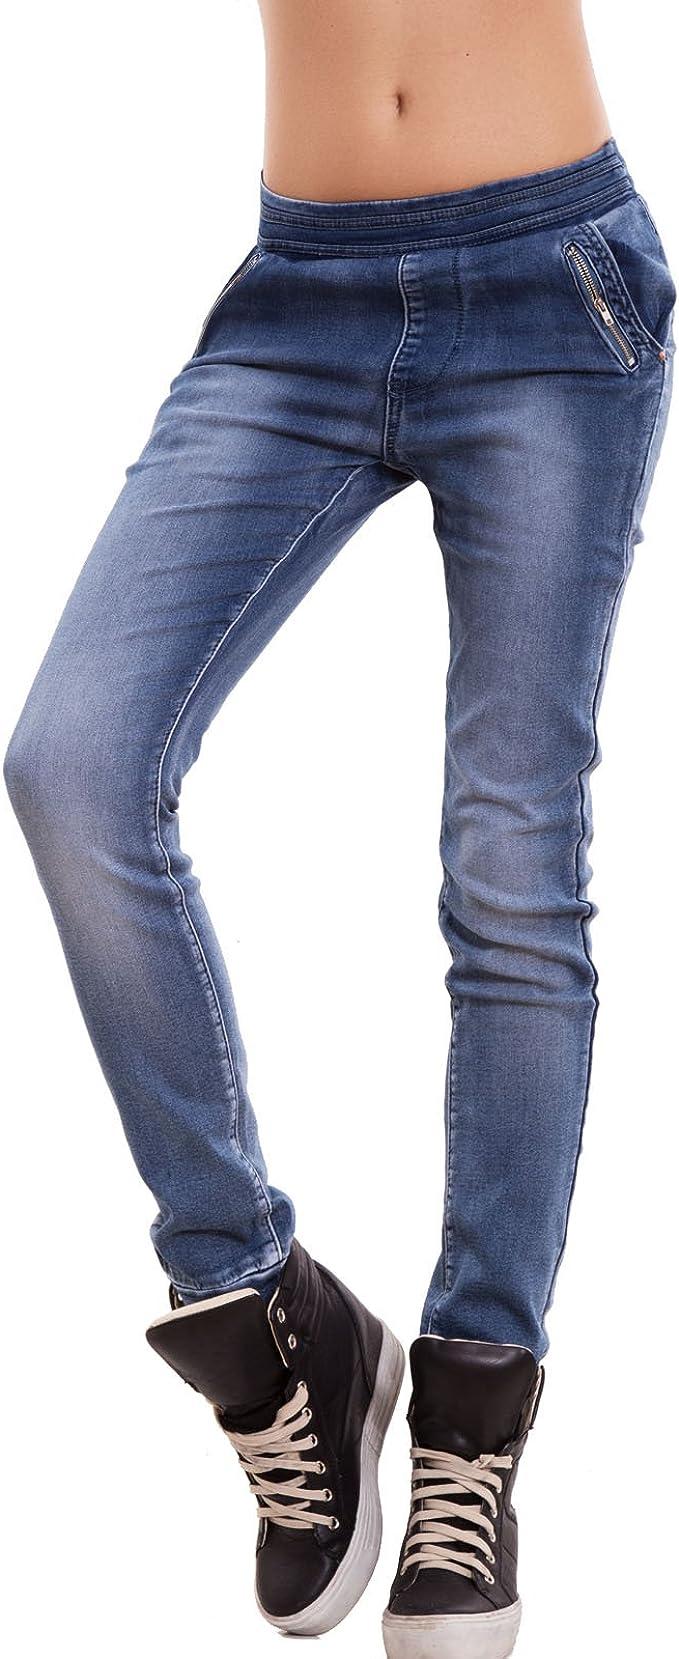 risposta antartico eterno  Toocool - Jeans Donna Pantaloni Vita Bassa Cavallo Basso Polsini Elastico  Zip Nuovi K101 [XL,Blu]: Amazon.it: Abbigliamento